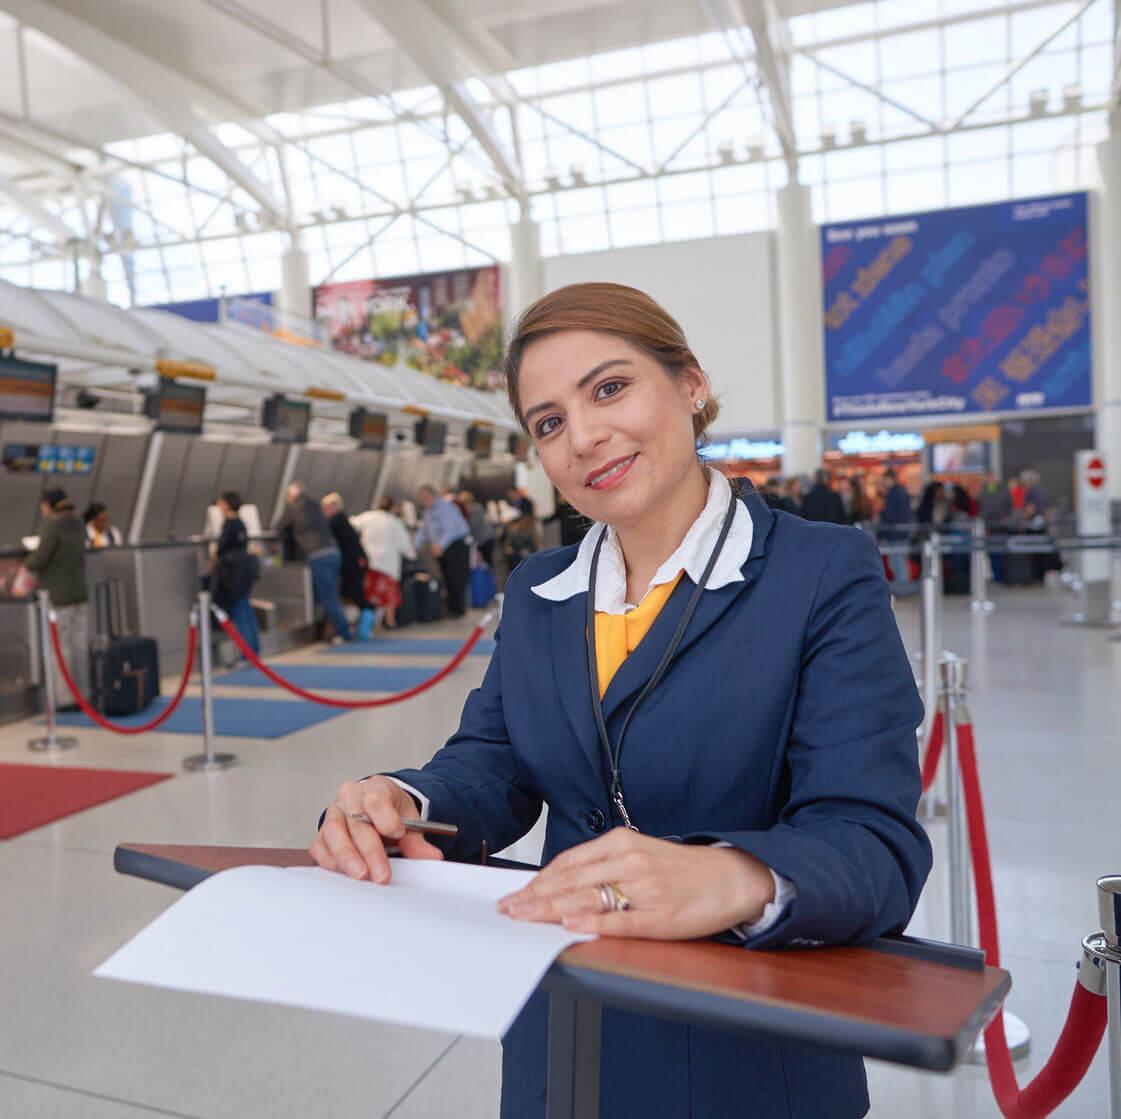 Curso-de-Atencion-a-Pasajeros-en-Aeropuertos-cursos-v2